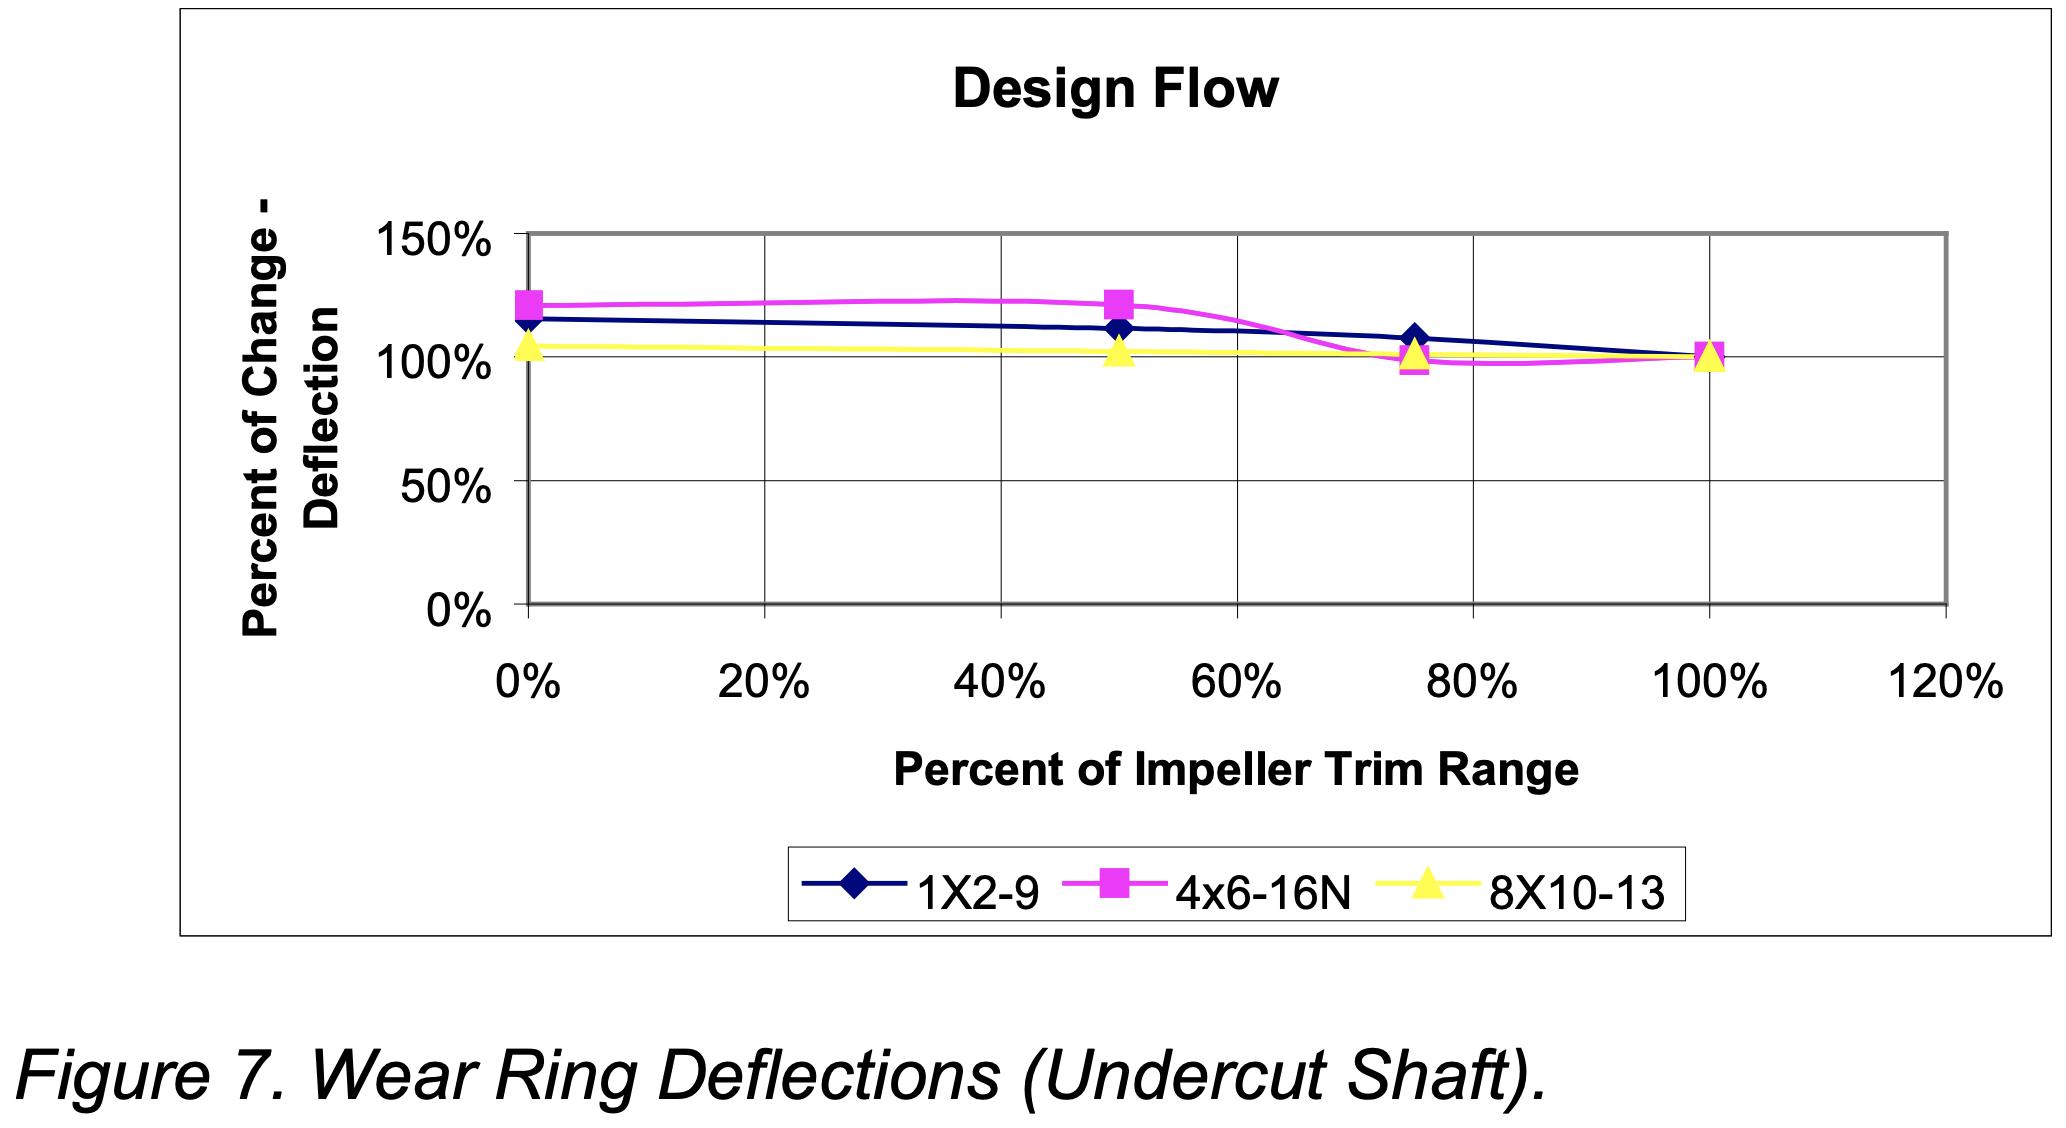 Pump Wear Ring Design Flow